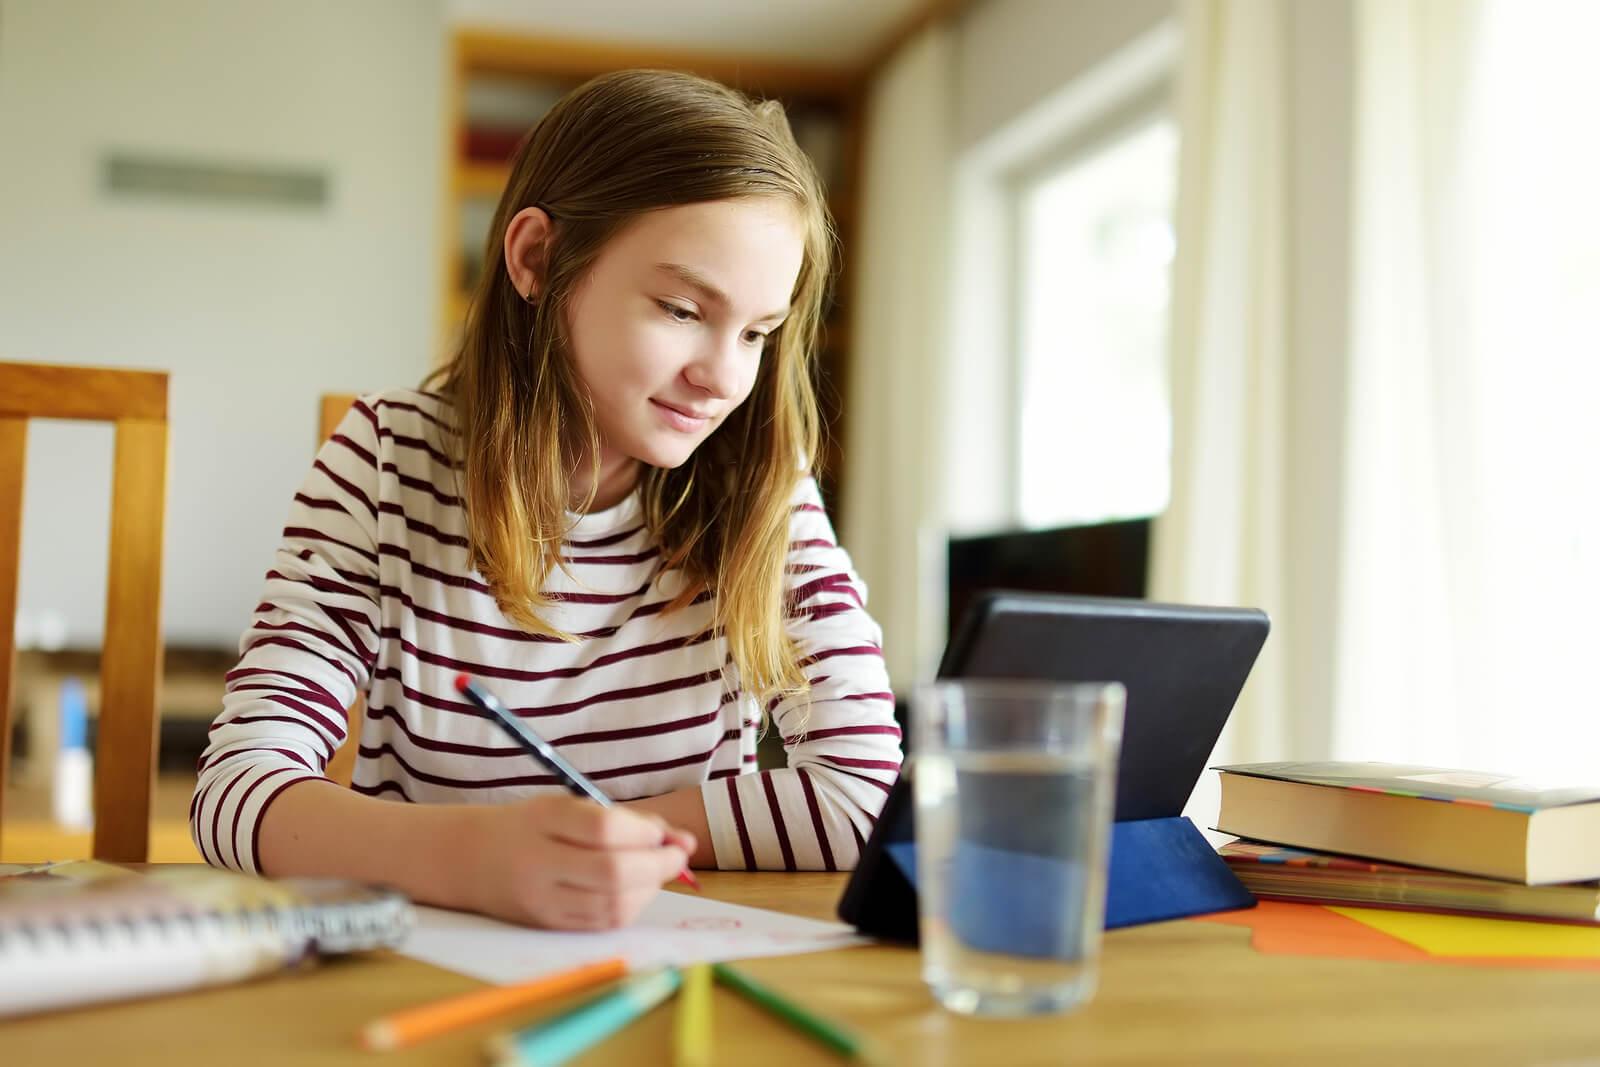 Adolescente estudiando en su habitación tras organizarse la sesión de estudio.